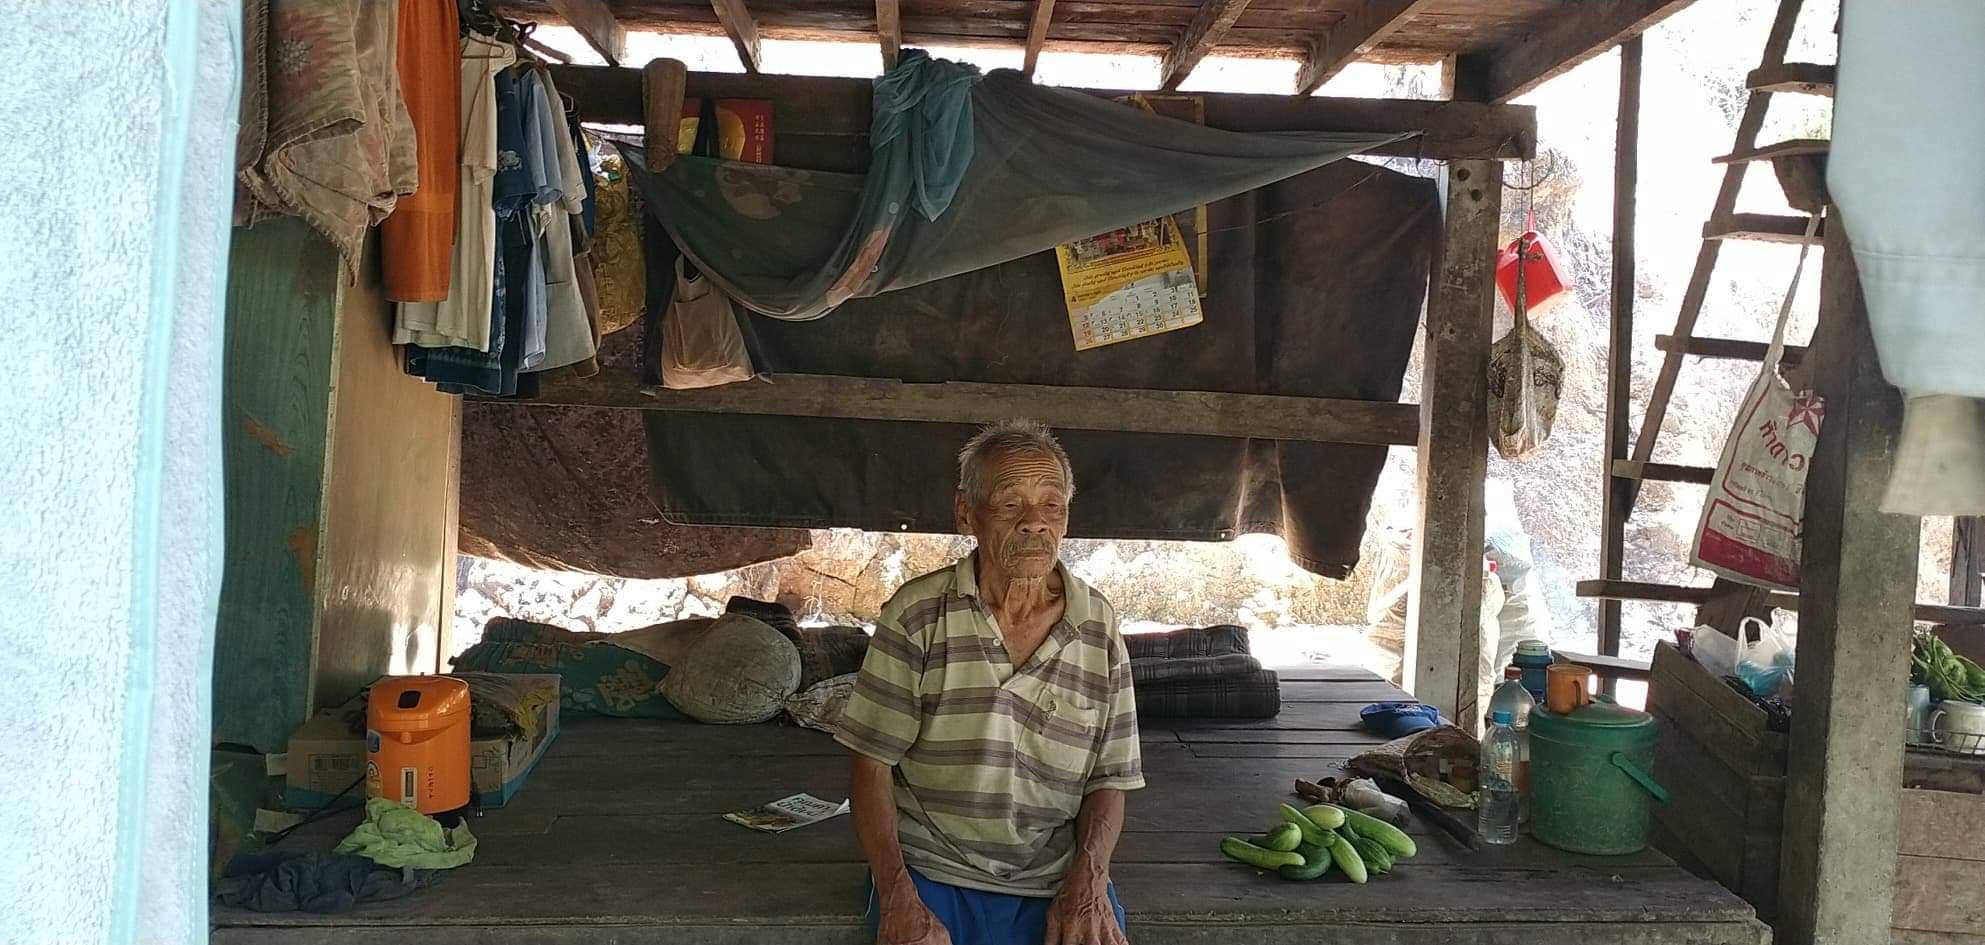 ชาวบ้านระนองวอนผู้ใจบุญช่วยเหลือลุงวัย 85 ตกสำรวจผ่านวิกฤติโควิด-19